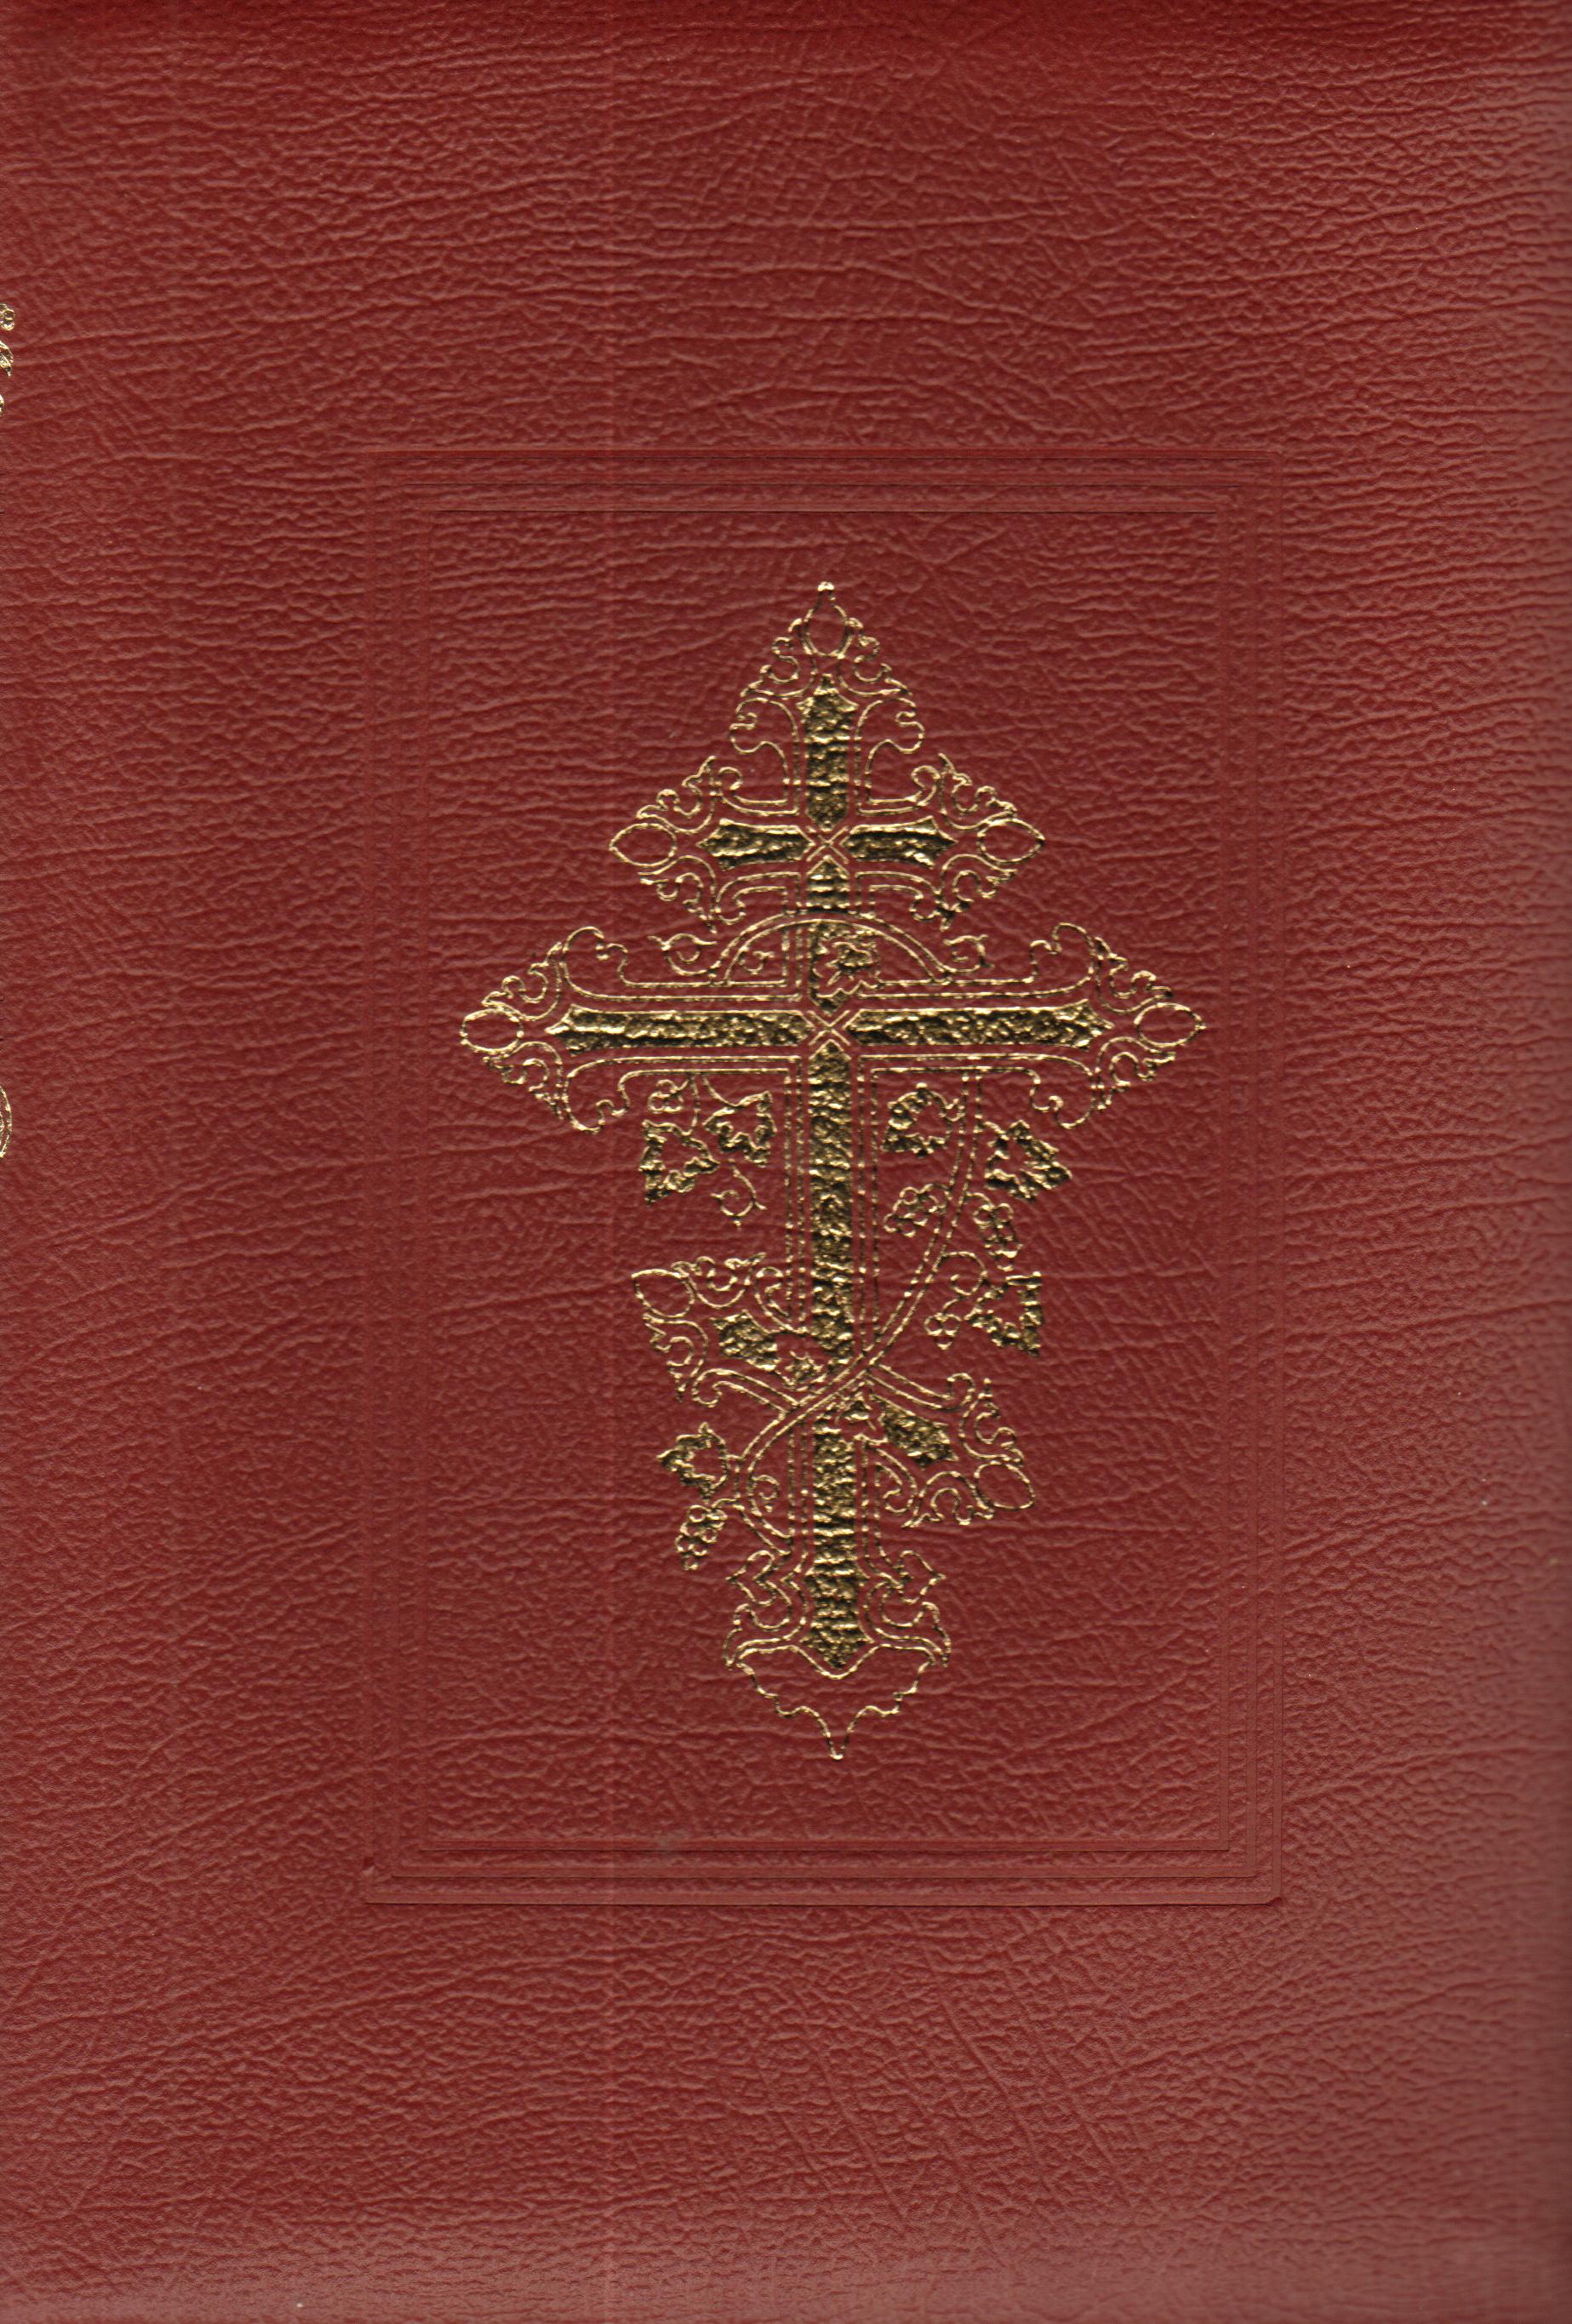 Библия (1127)077DC ZTI(вишн.).кож.на молн.с золот.обрезом